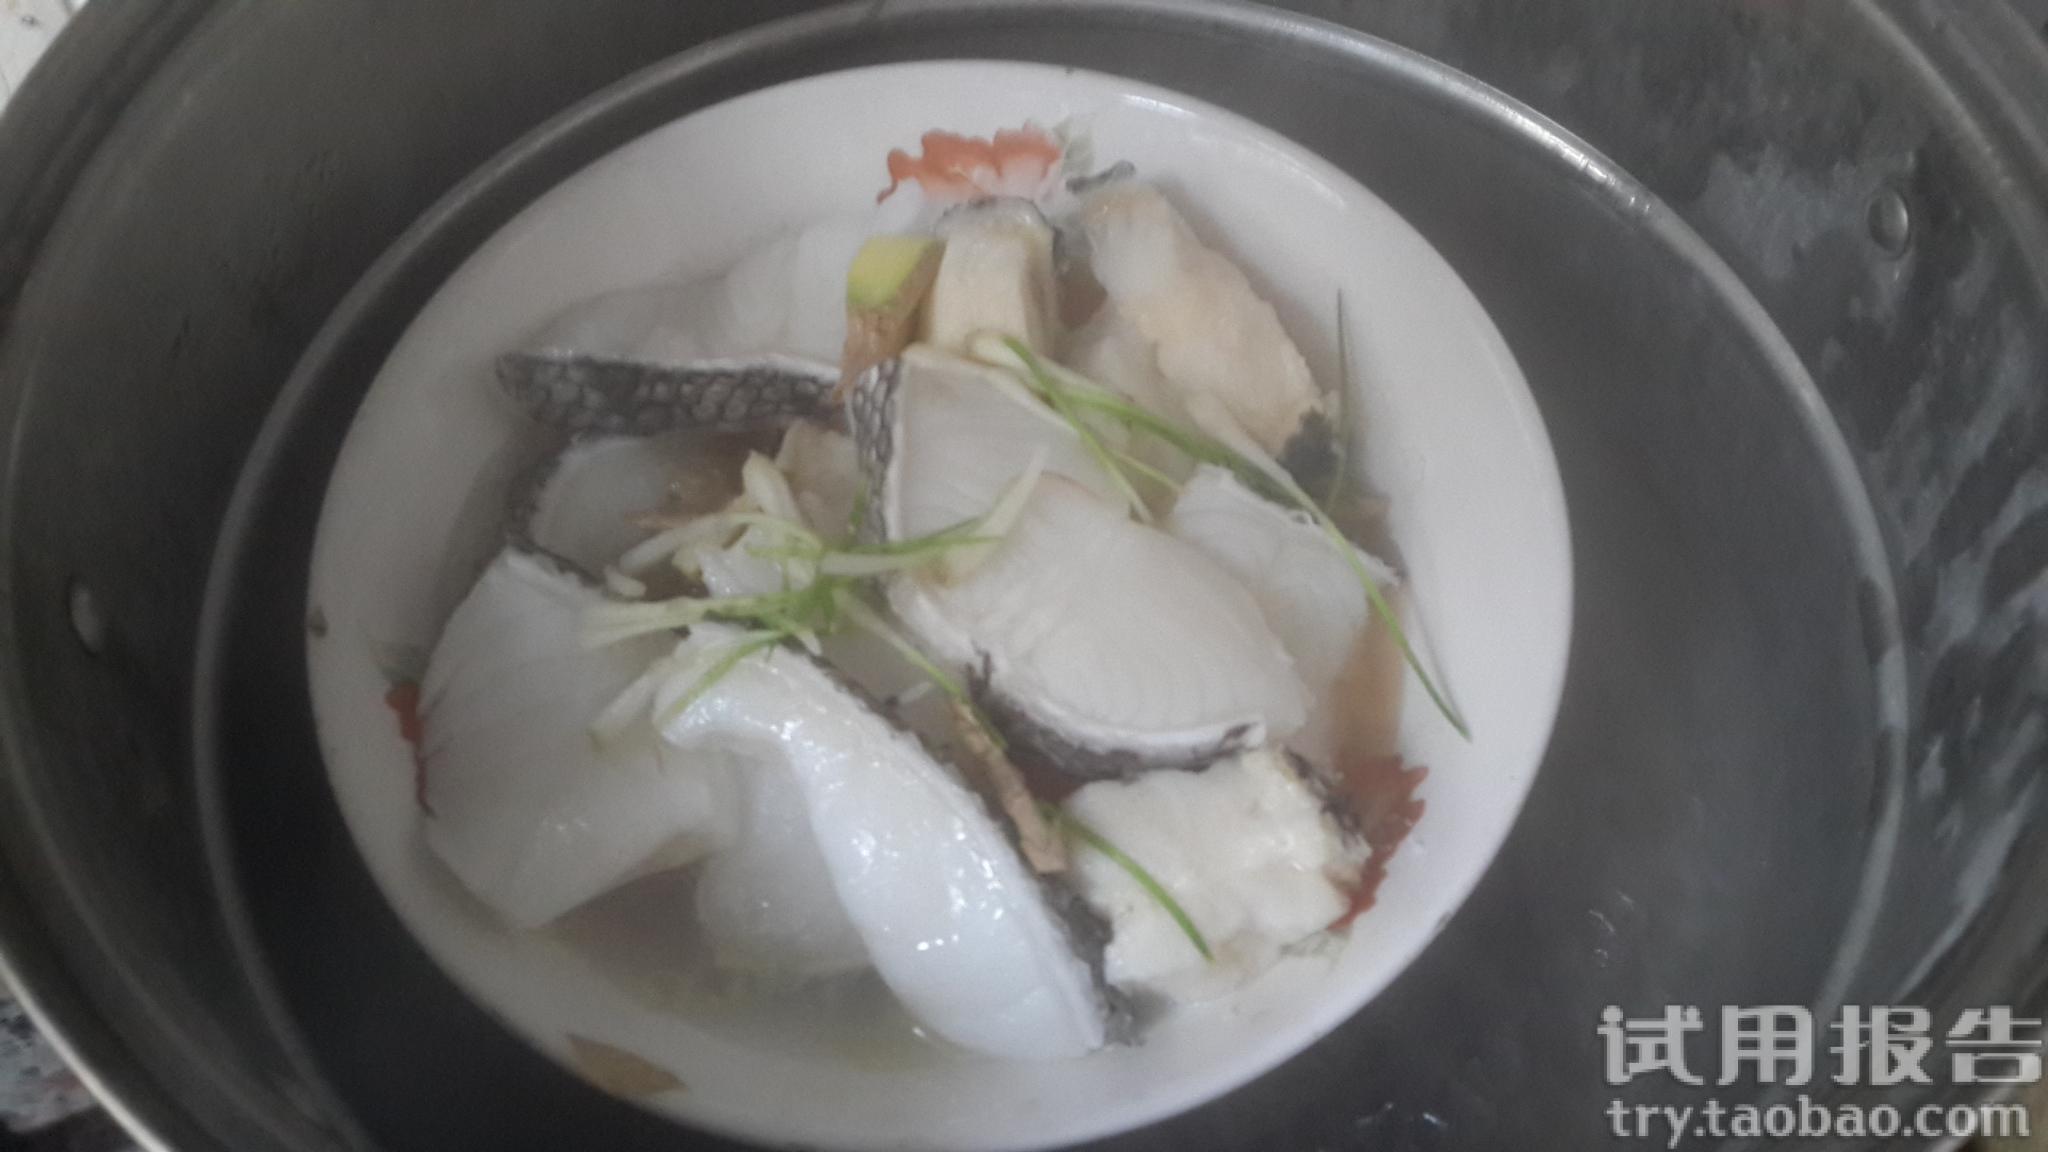 海天下银鳕鱼怎么样,好不好,质量如何